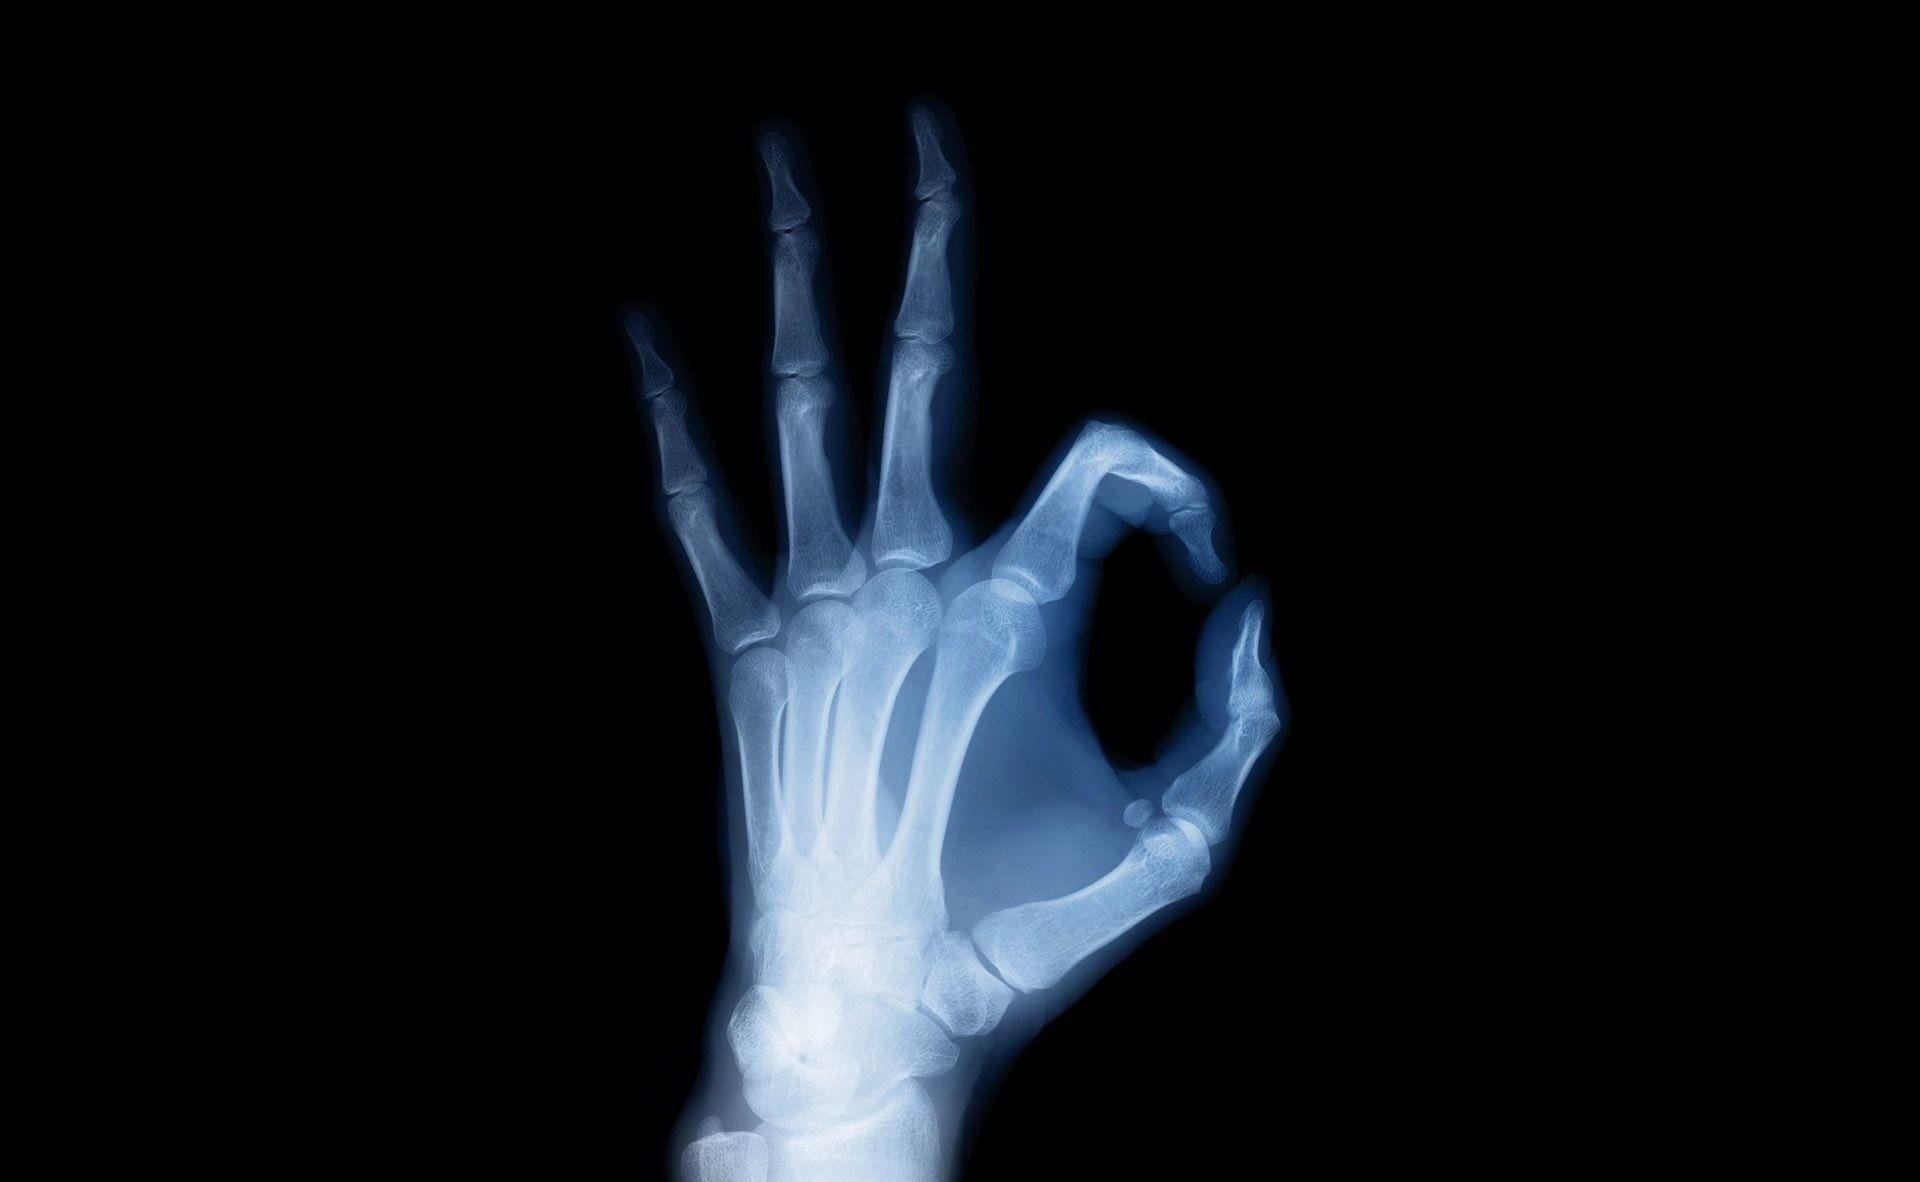 hand,-knochen,-rontgen-228494.jpg?no-logo